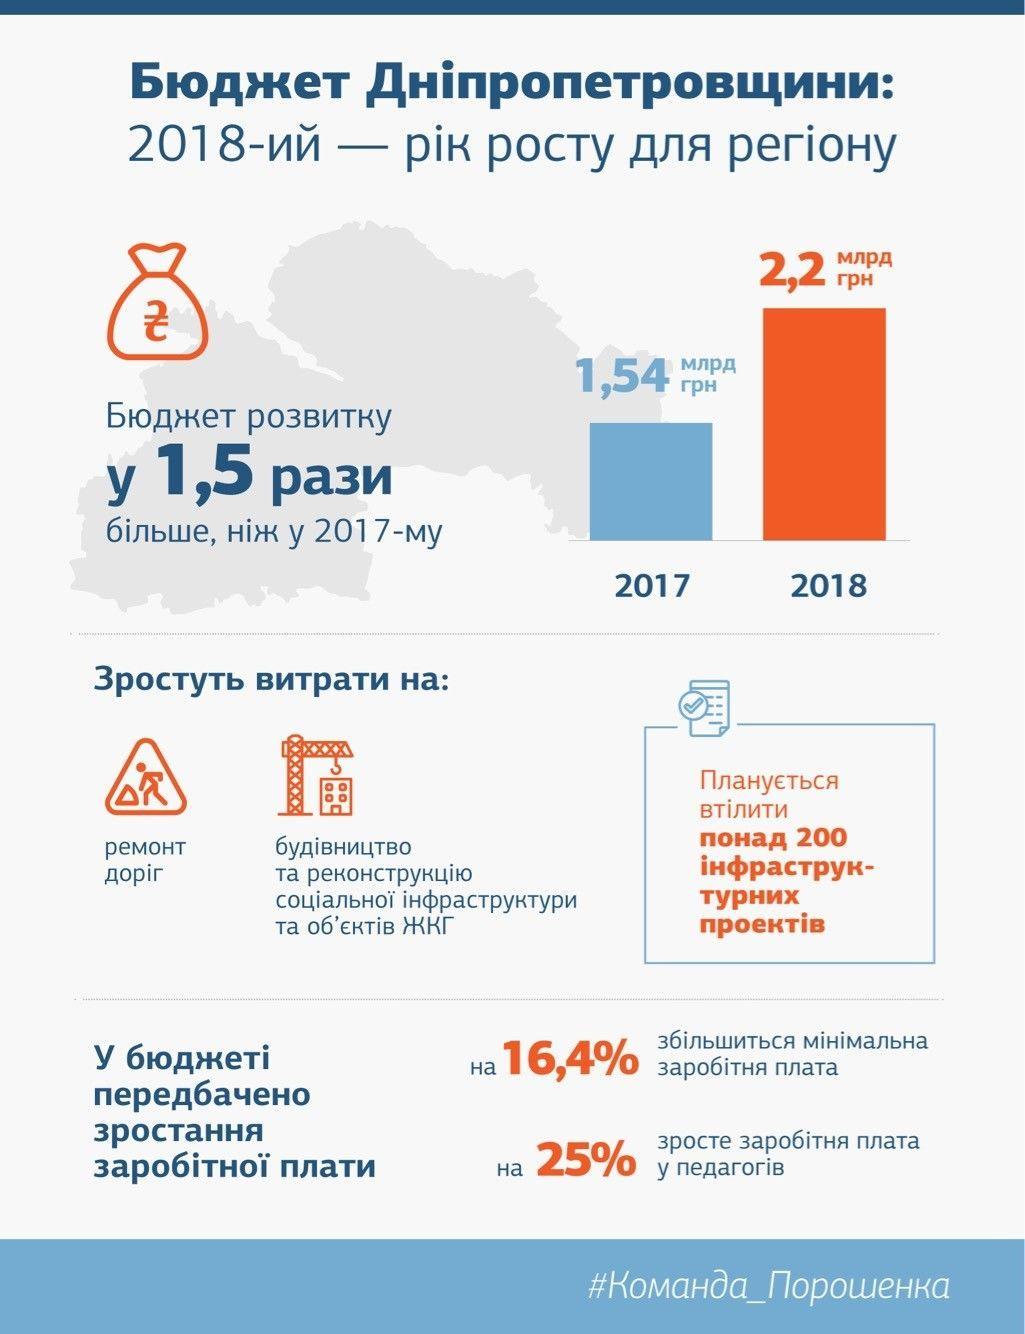 Дніпропетровщина, Резніченко_2